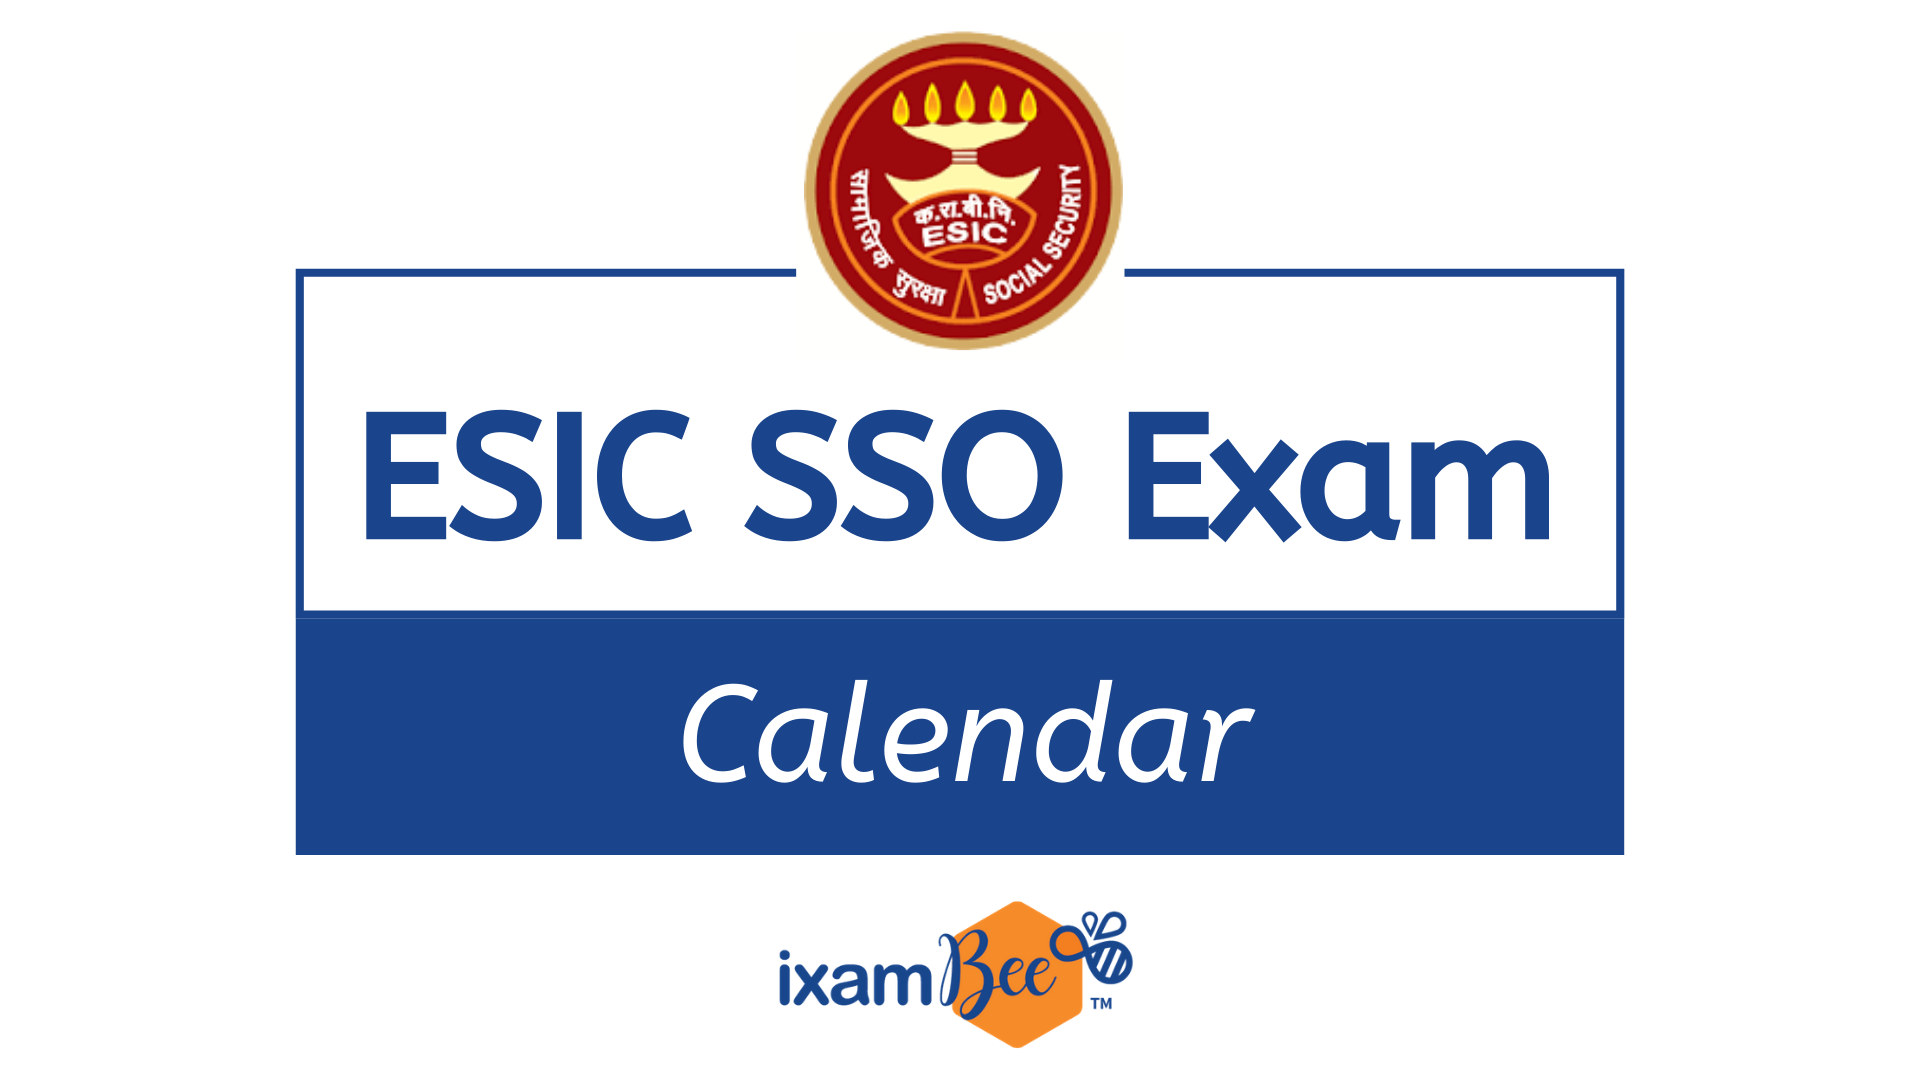 ESIC SSO Exam Dates